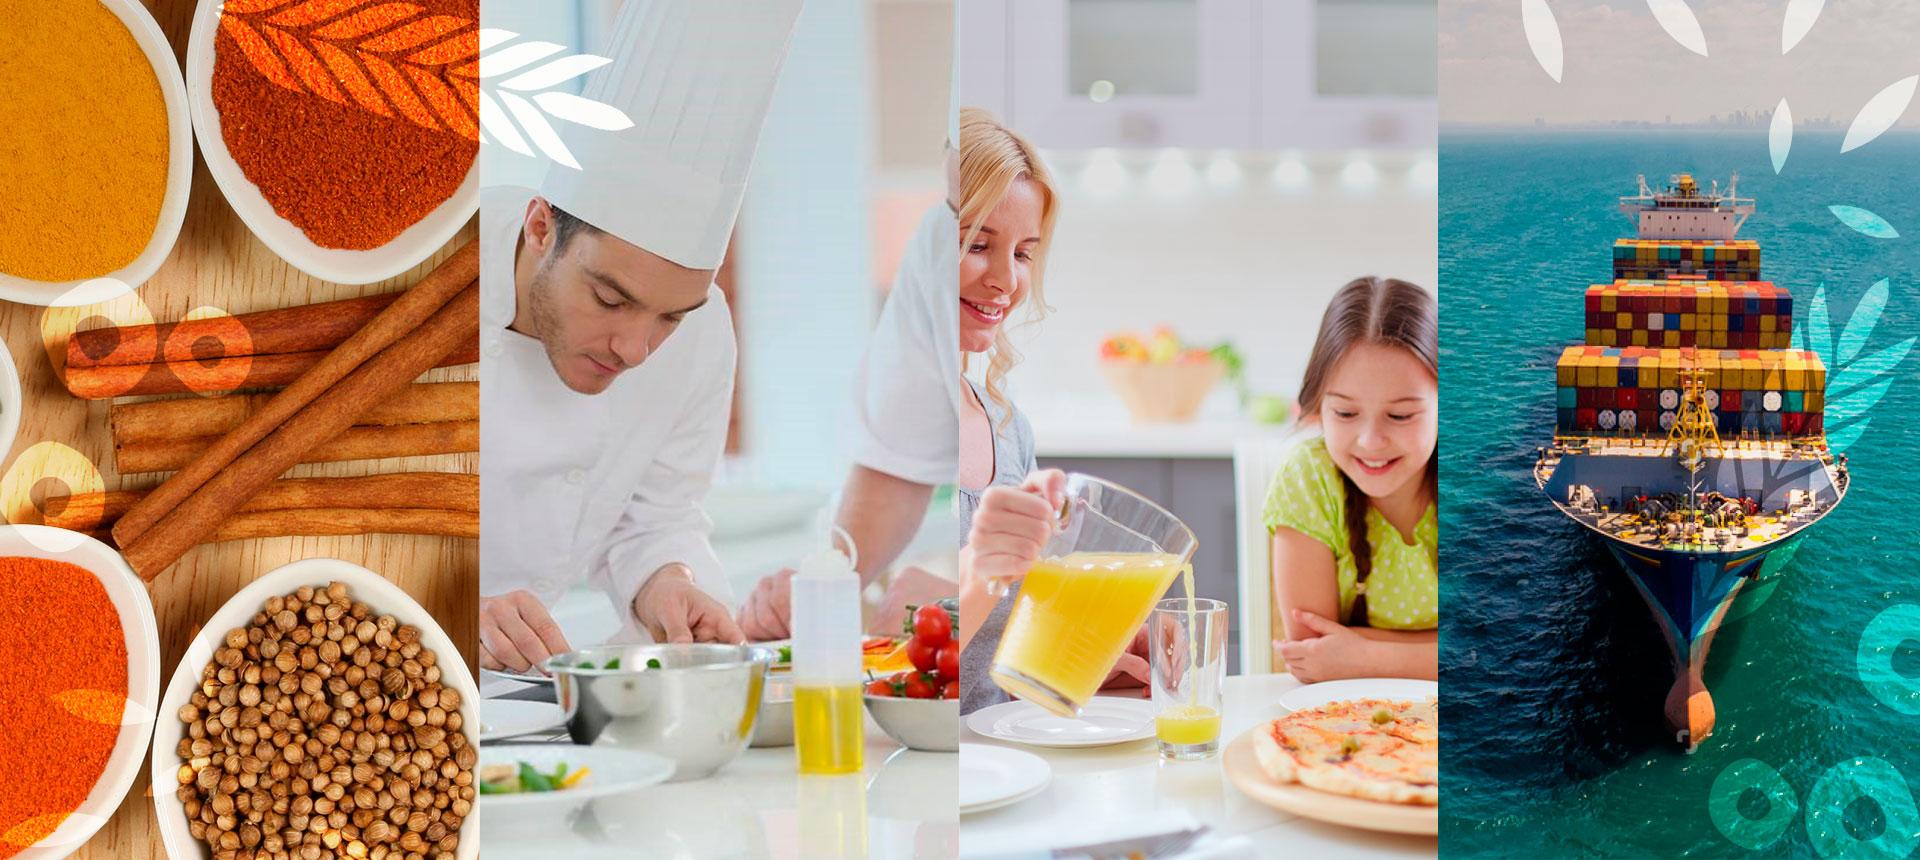 Segmentos de Negócio - Nutrimental